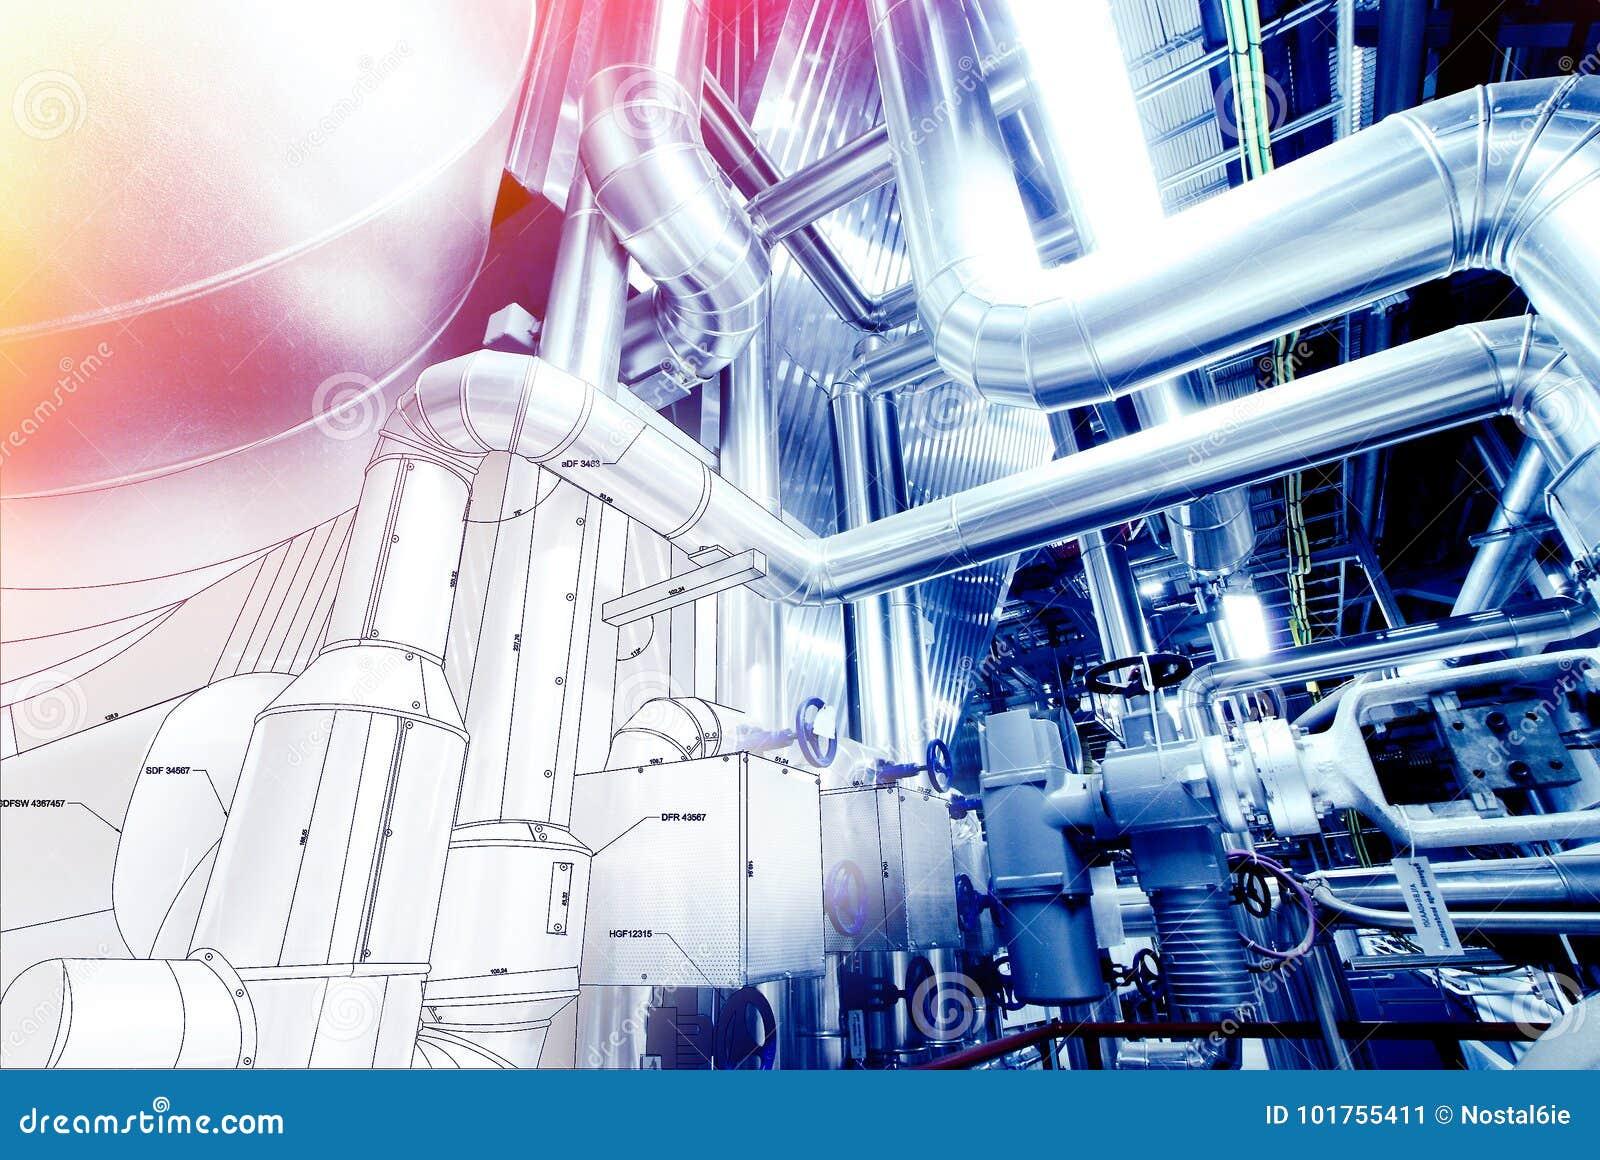 Skissa av att leda i rör designen som är blandad med fotoet för industriell utrustning